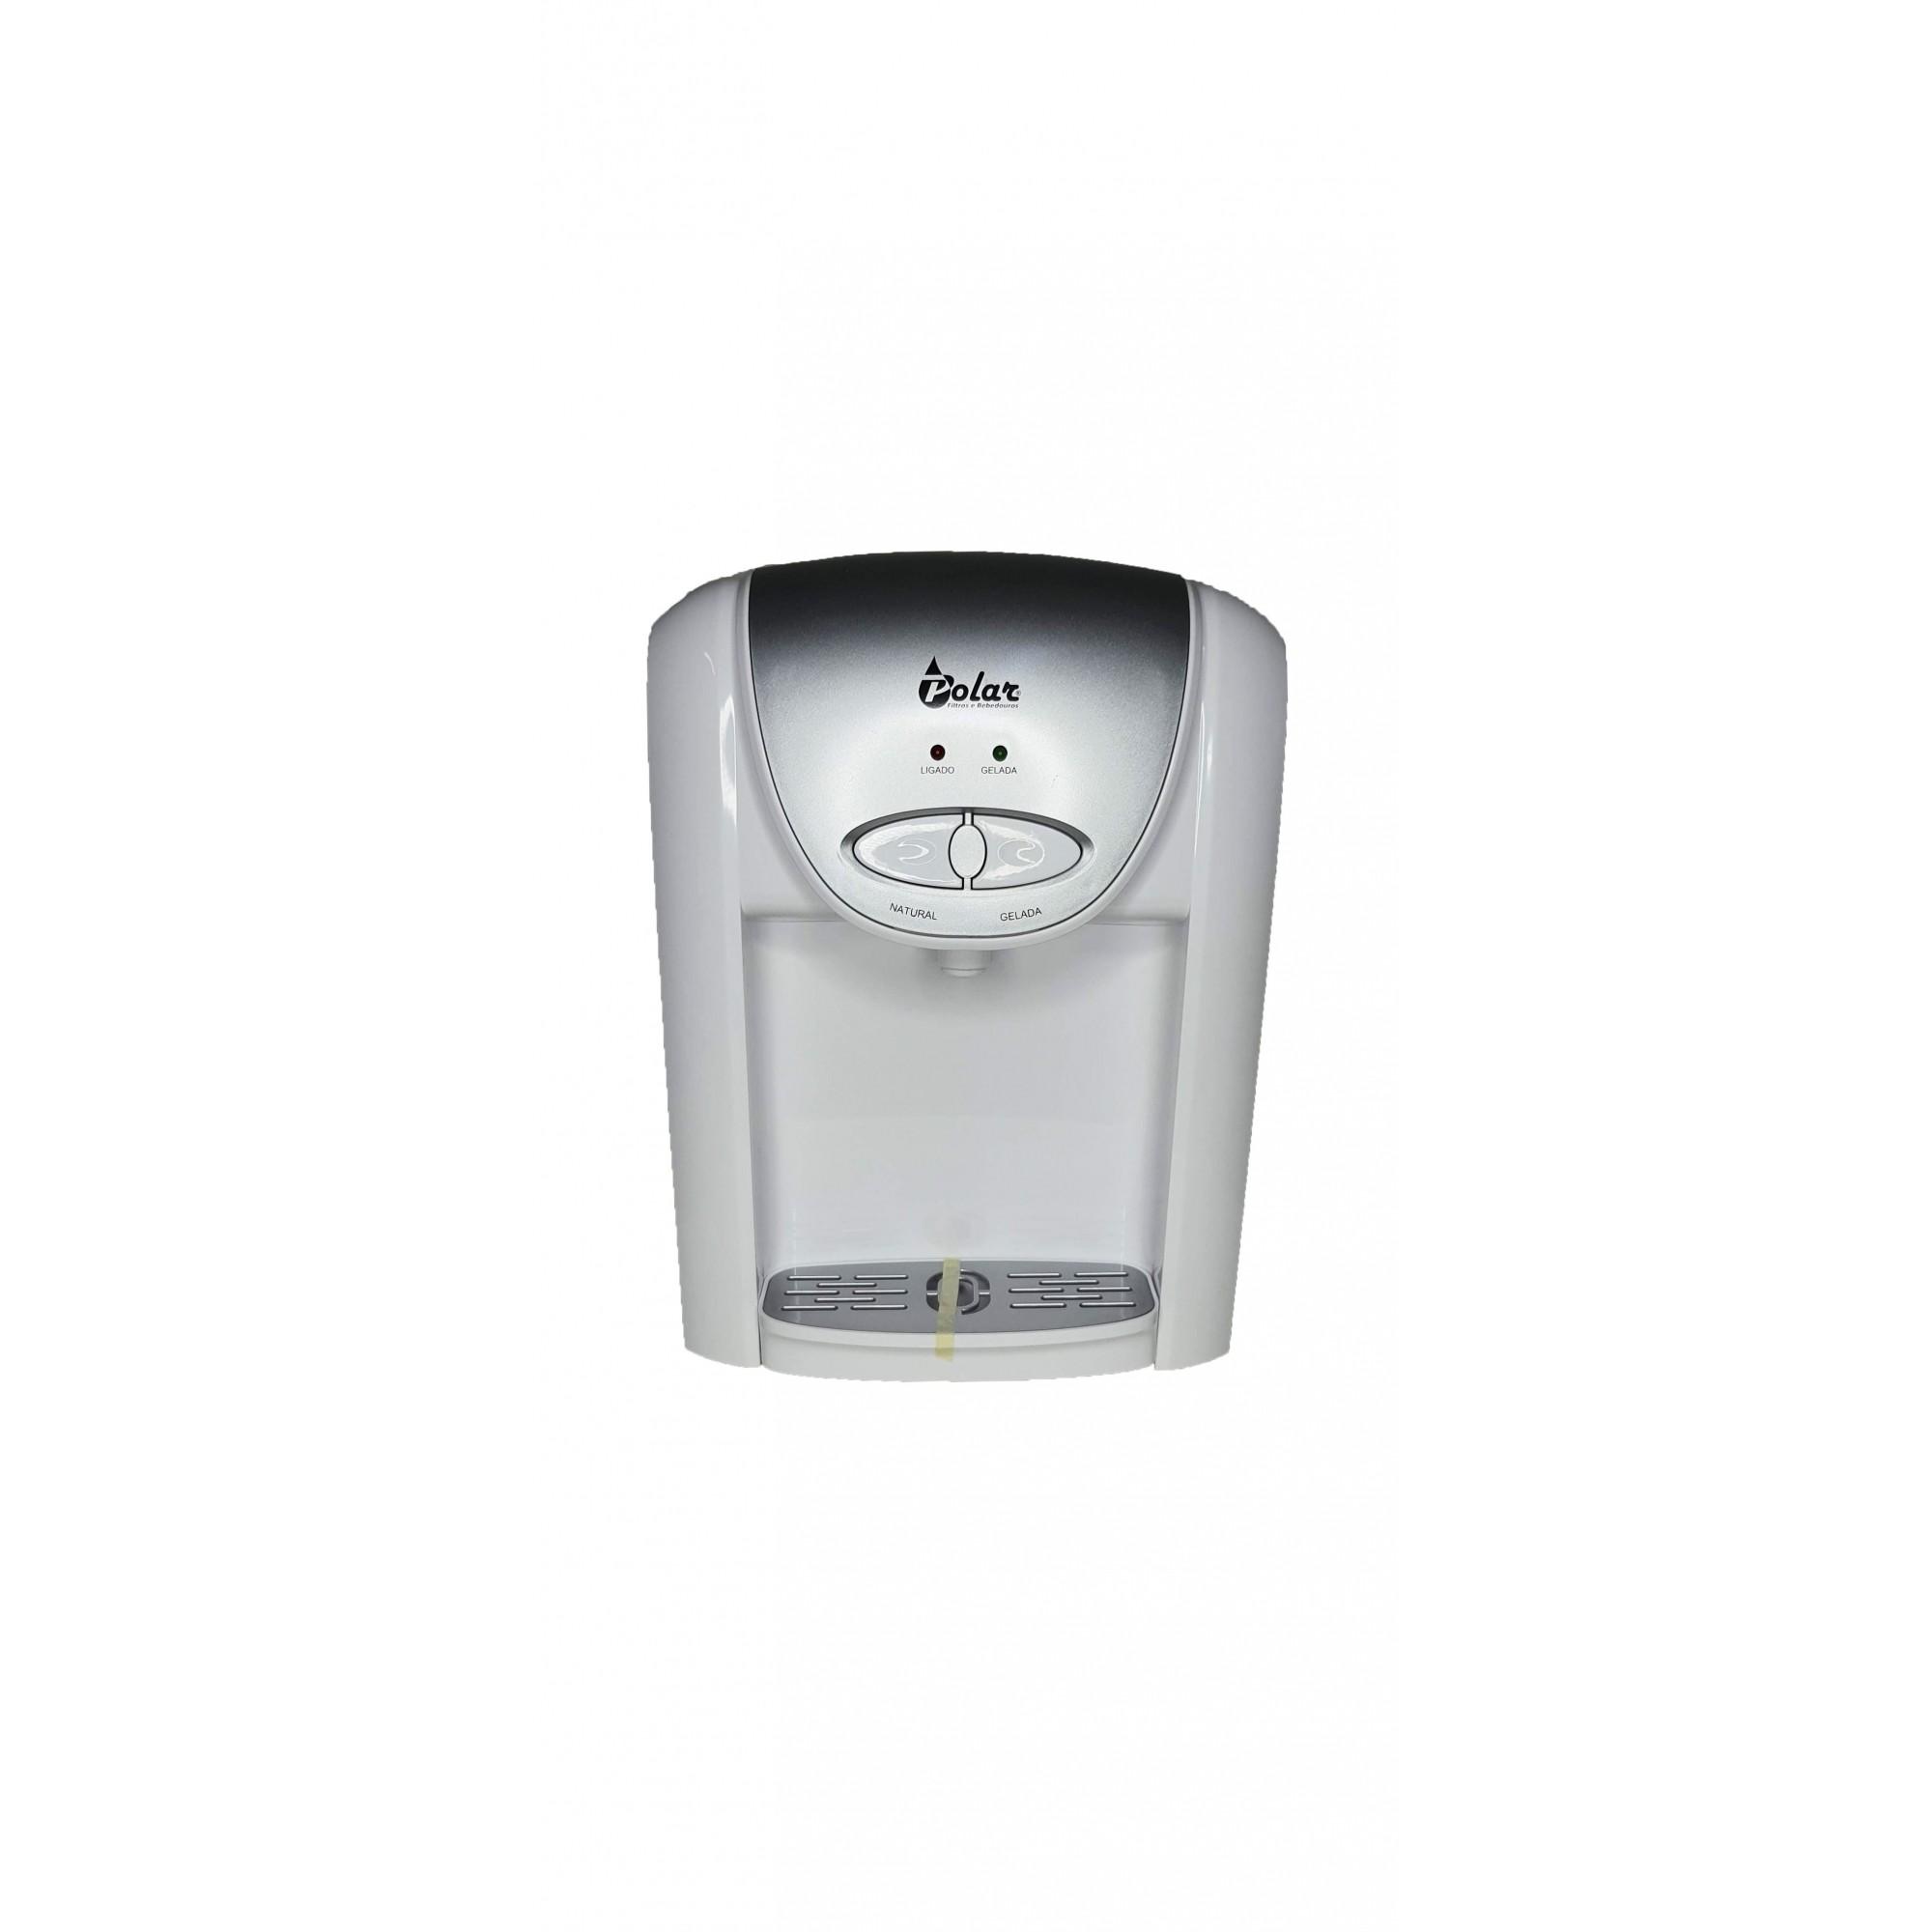 Purificador de Água Eletrônico Branco Natural e Gelada 110V - SV8000B